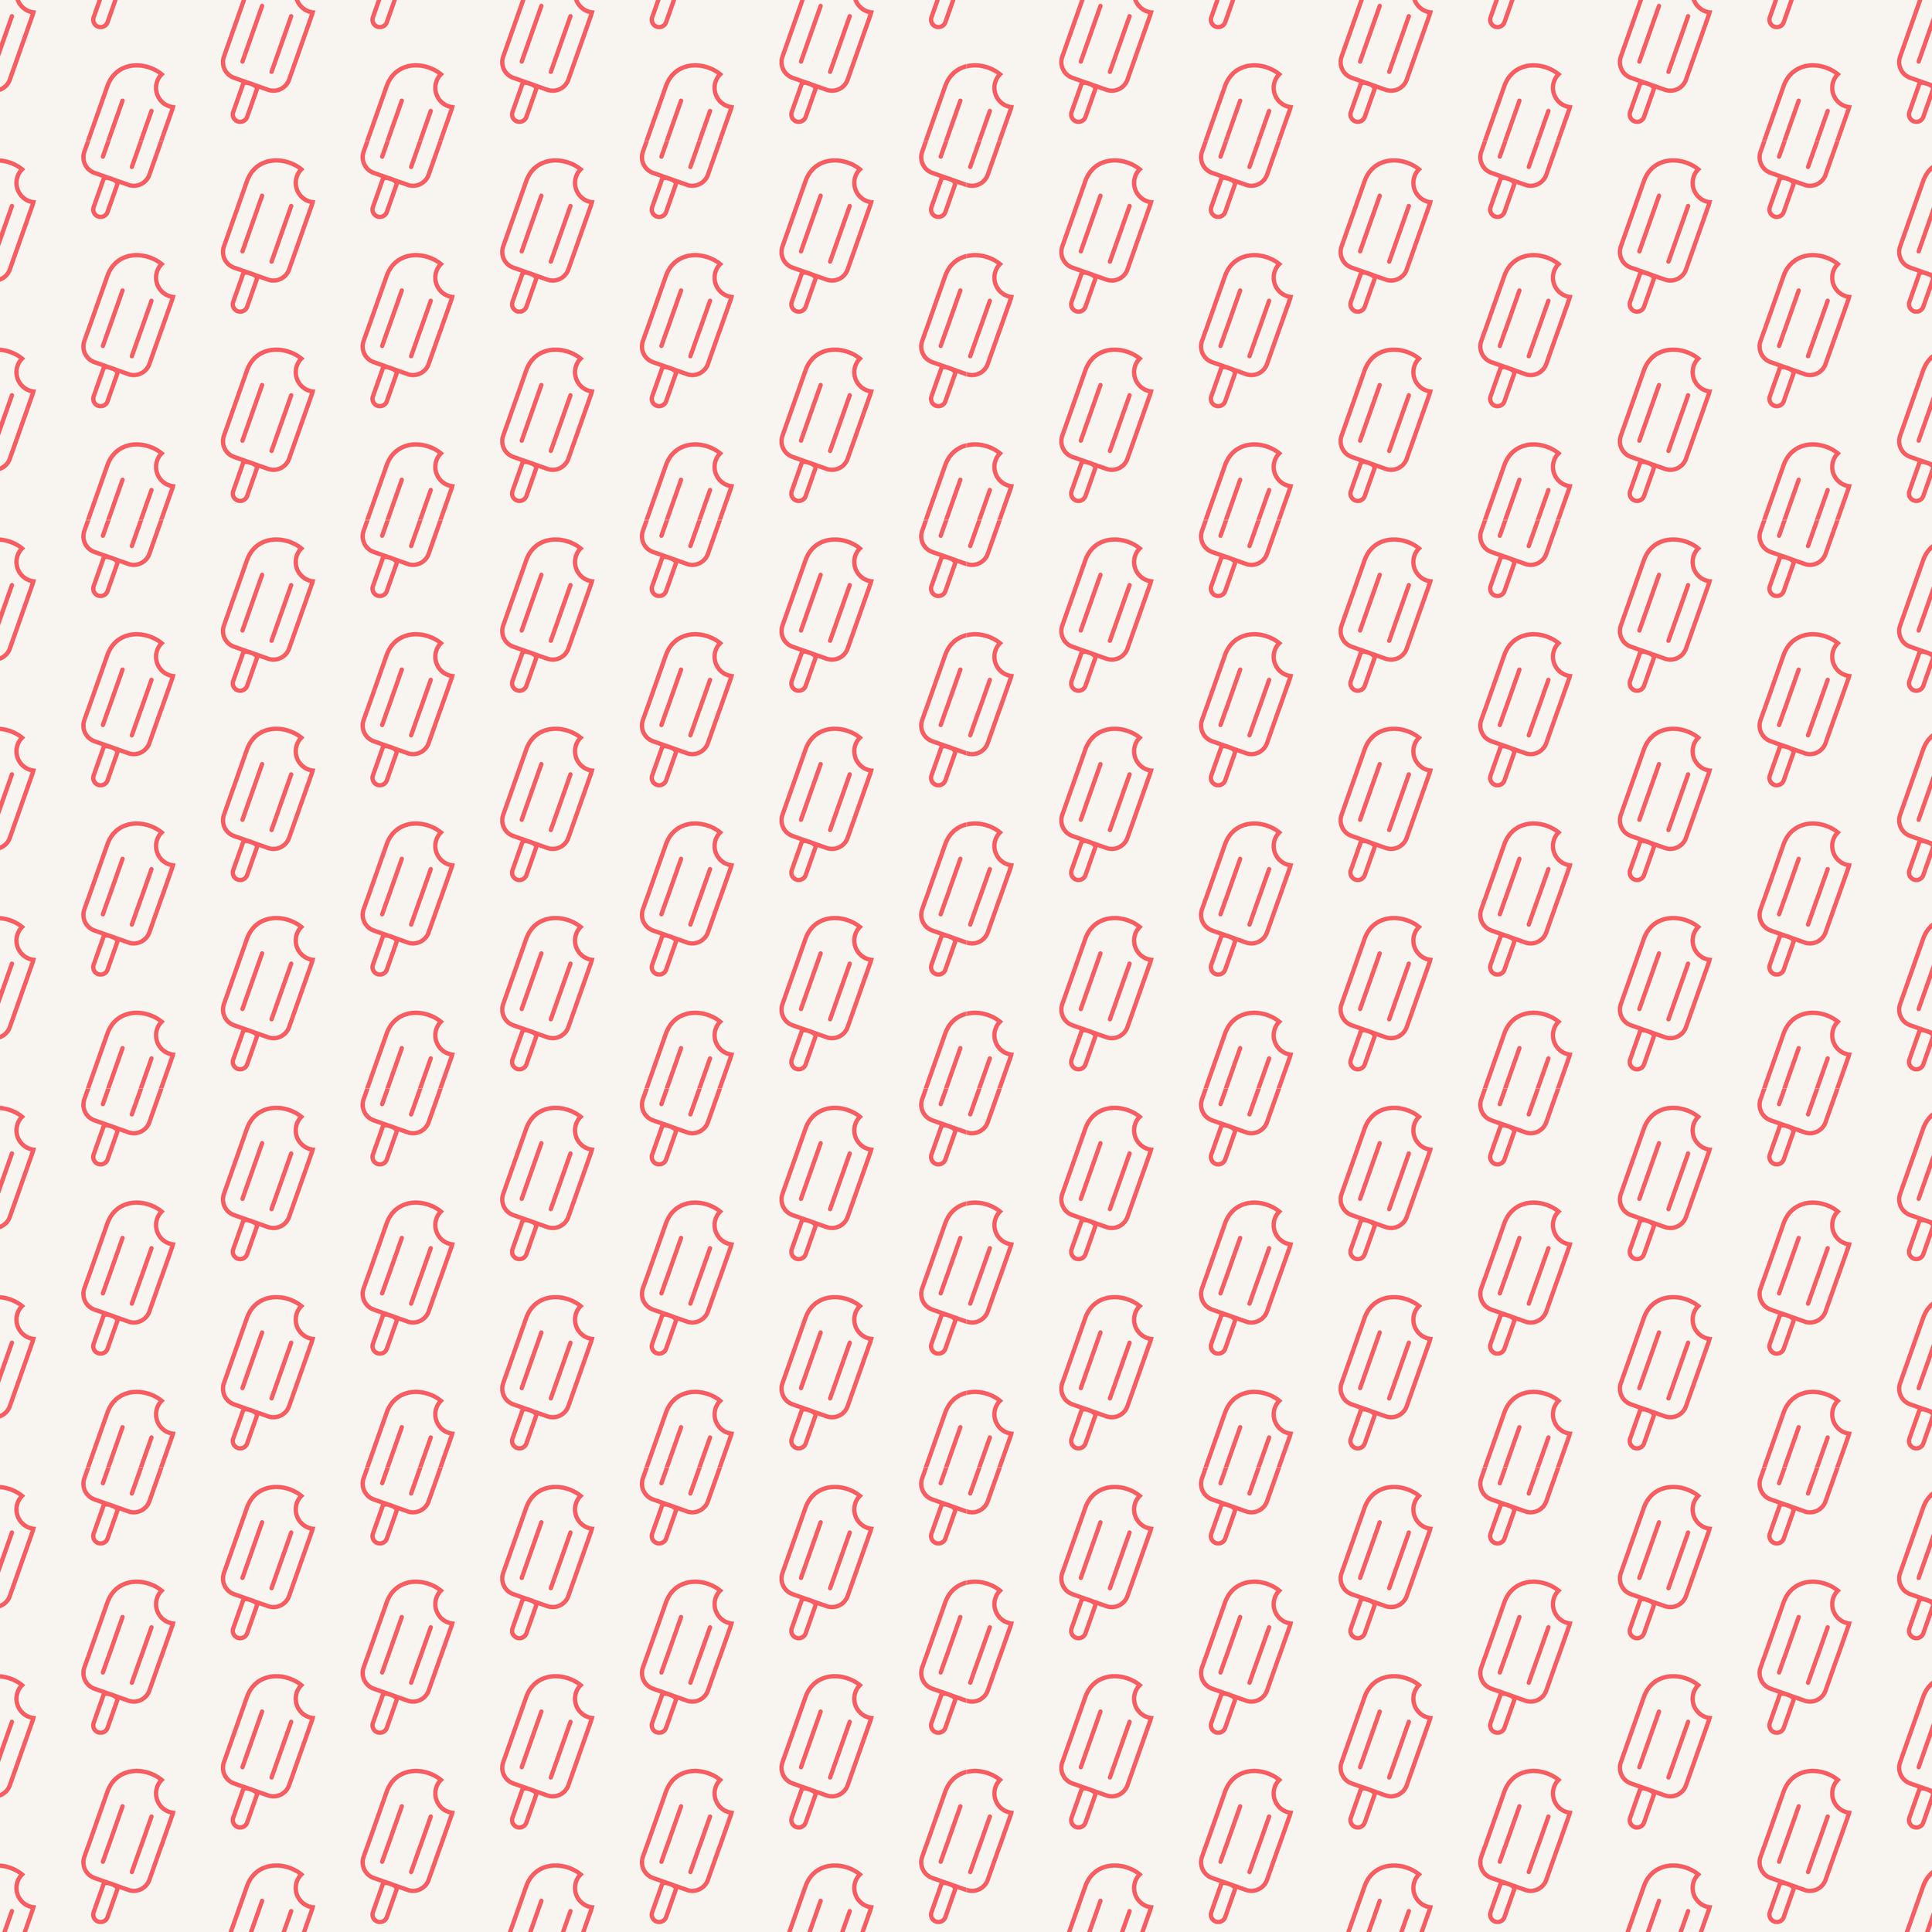 PopCityPattern-02.jpg